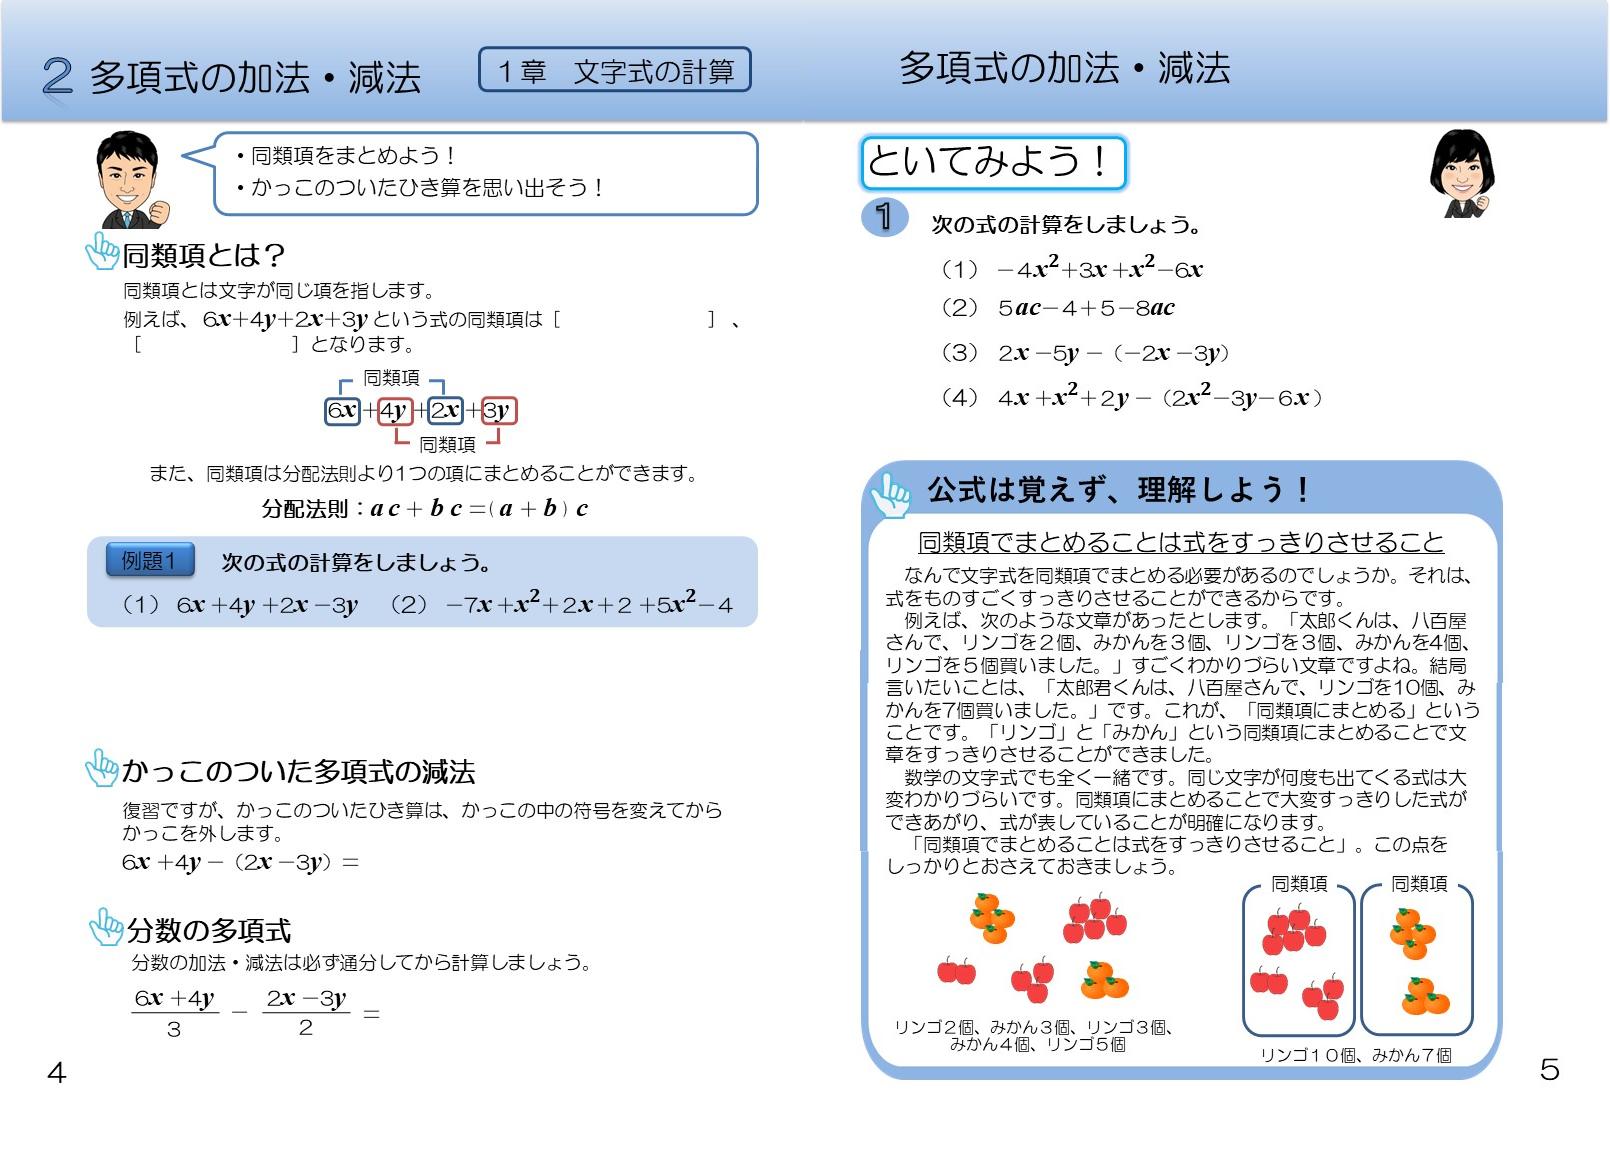 教材画像資料 ページ1